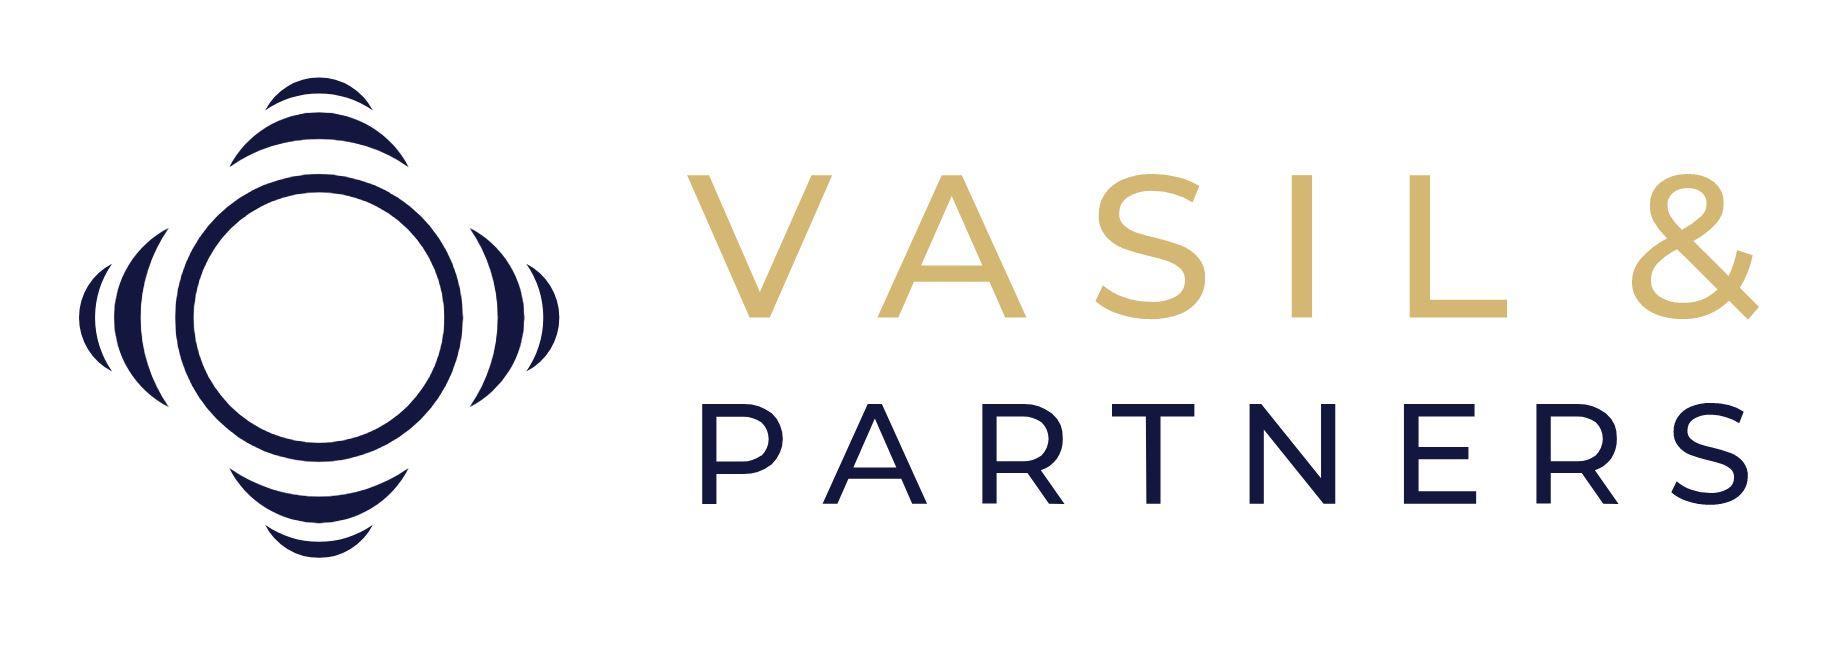 Vasil & Partners logo